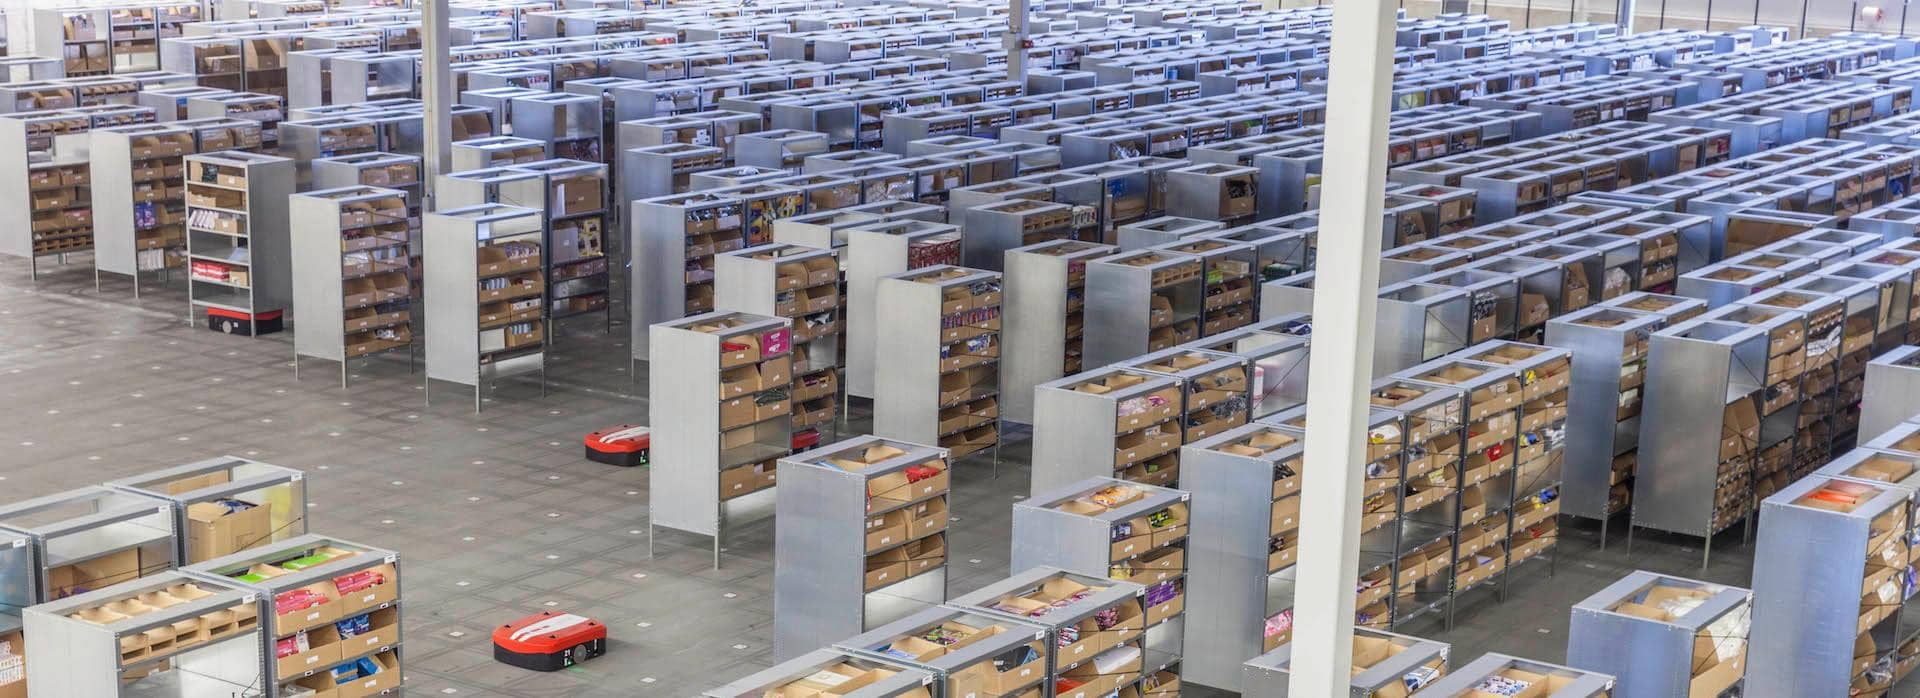 DB Schenker Media Markt warehouse stage